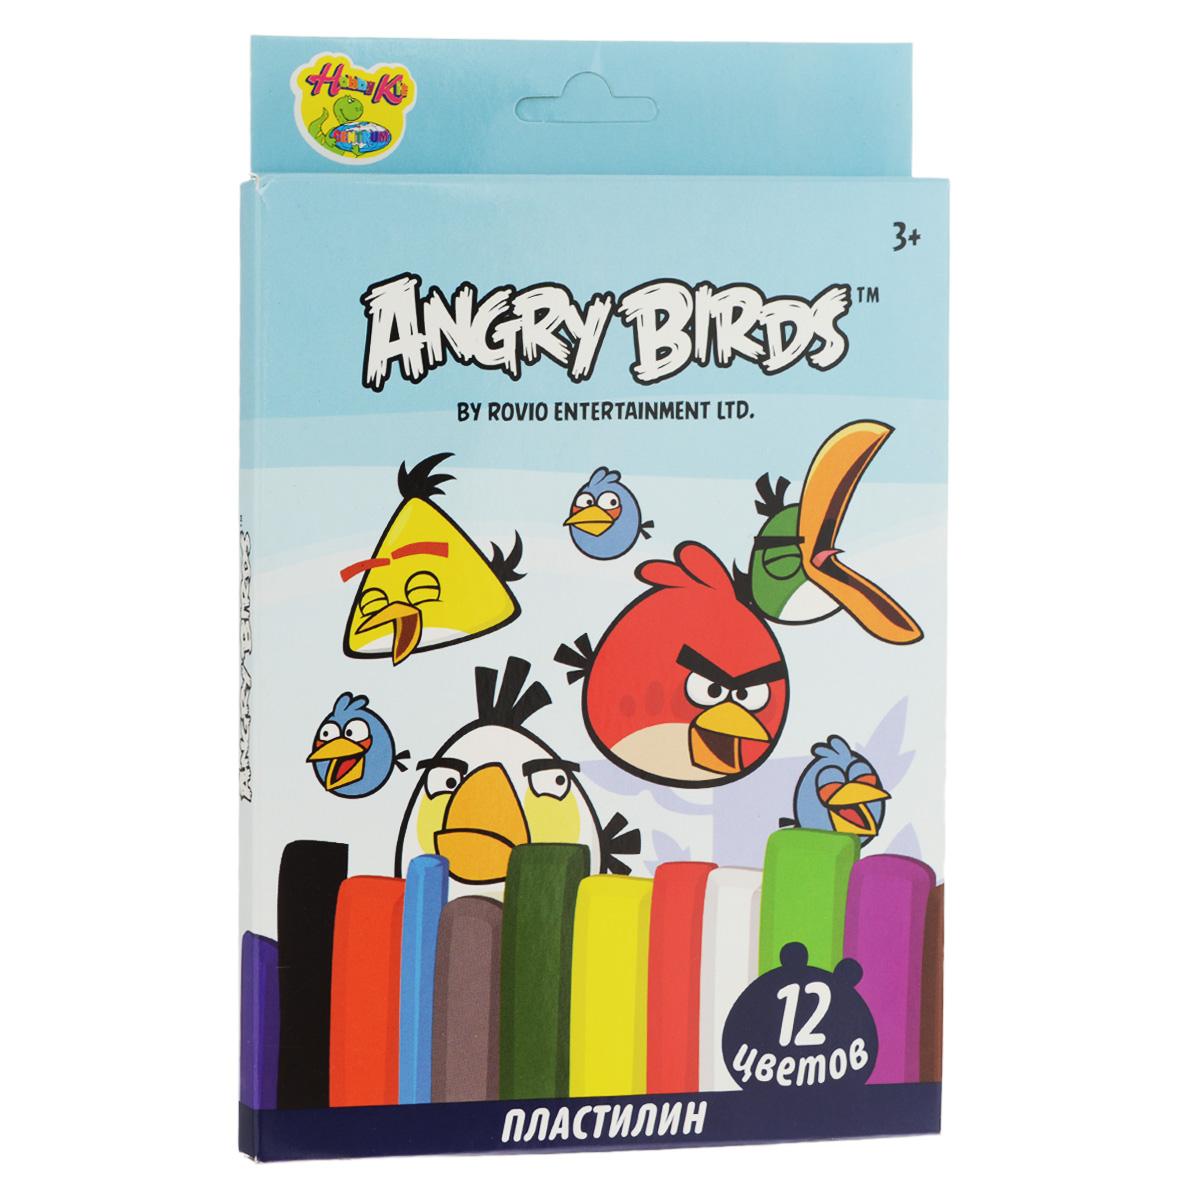 Пластилин Angry Birds, 12 цветов. 8496684966Пластилин Angry Birds - это отличная возможность познакомить ребенка с еще одним из видов изобразительного творчества, в котором создаются объемные образы и целые композиции.В набор входит пластилин 12 ярких цветов (красный, темно-зеленый, черный, оранжевый, светло-зеленый, фиолетовый, белый, желтый, синий, коричневый, голубой, серый), а также пластиковый стек для нарезания пластилина.Цвета пластилина легко смешиваются между собой, и таким образом можно получить новые оттенки. Пластилин имеет яркие, красочные цвета и не липнет к рукам.Техника лепки богата и разнообразна, но при этом доступна даже маленьким детям. Занятия лепкой не только увлекательны, но и полезны для ребенка. Они способствуют развитию творческого и пространственного мышления, восприятия формы, фактуры, цвета и веса, развивают воображение и мелкую моторику.